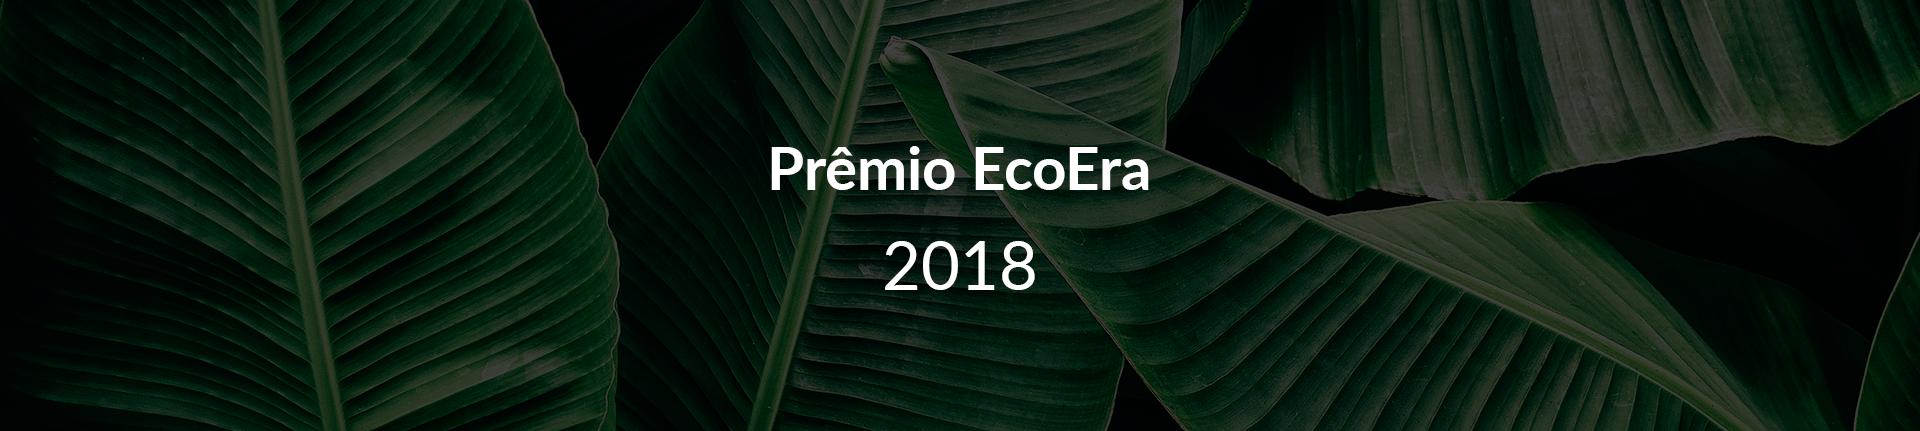 Prêmio EcoEra